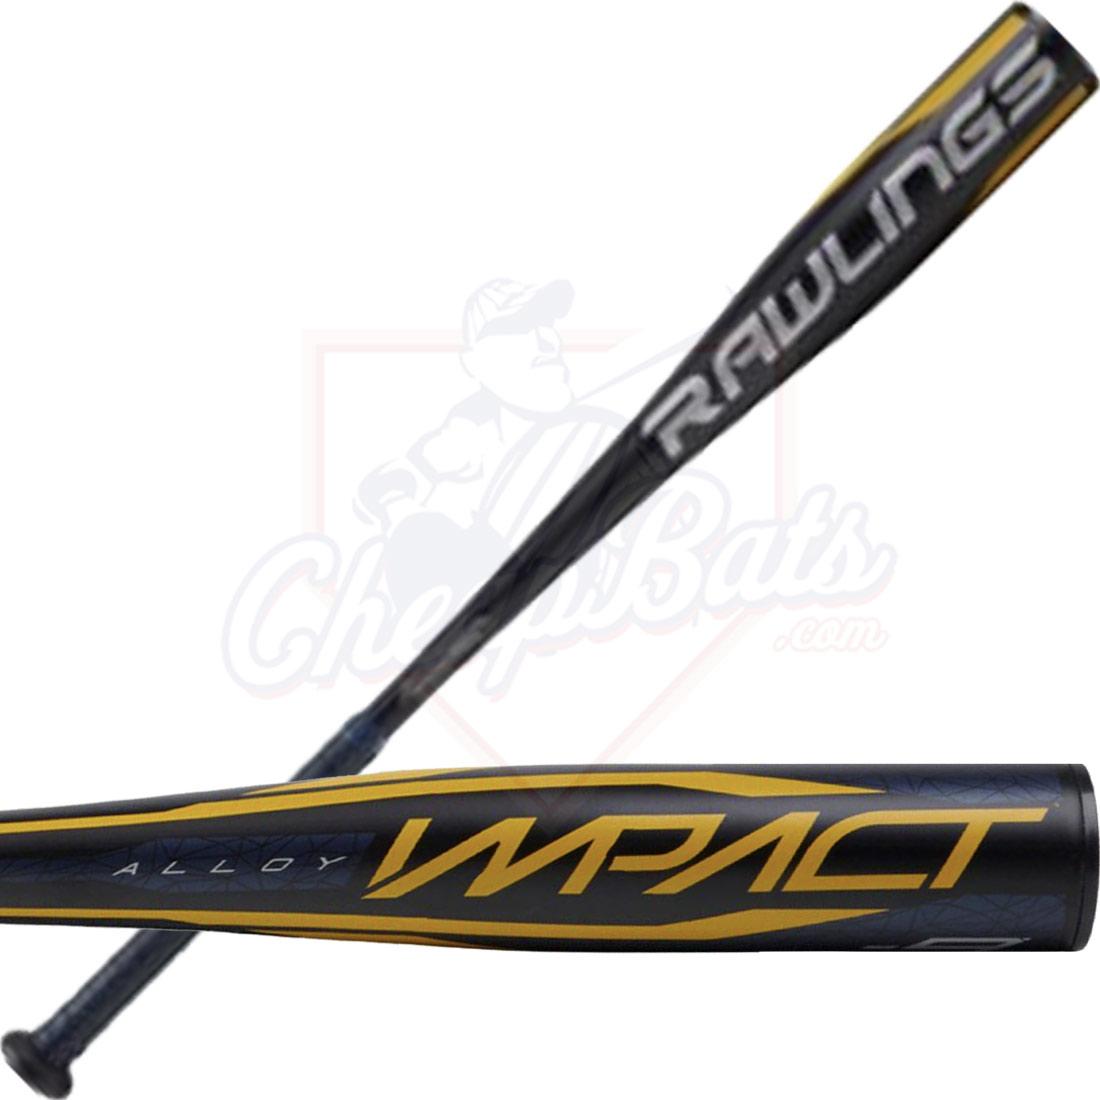 2020 Rawlings Impact Youth USA Baseball Bat -9oz USZI9